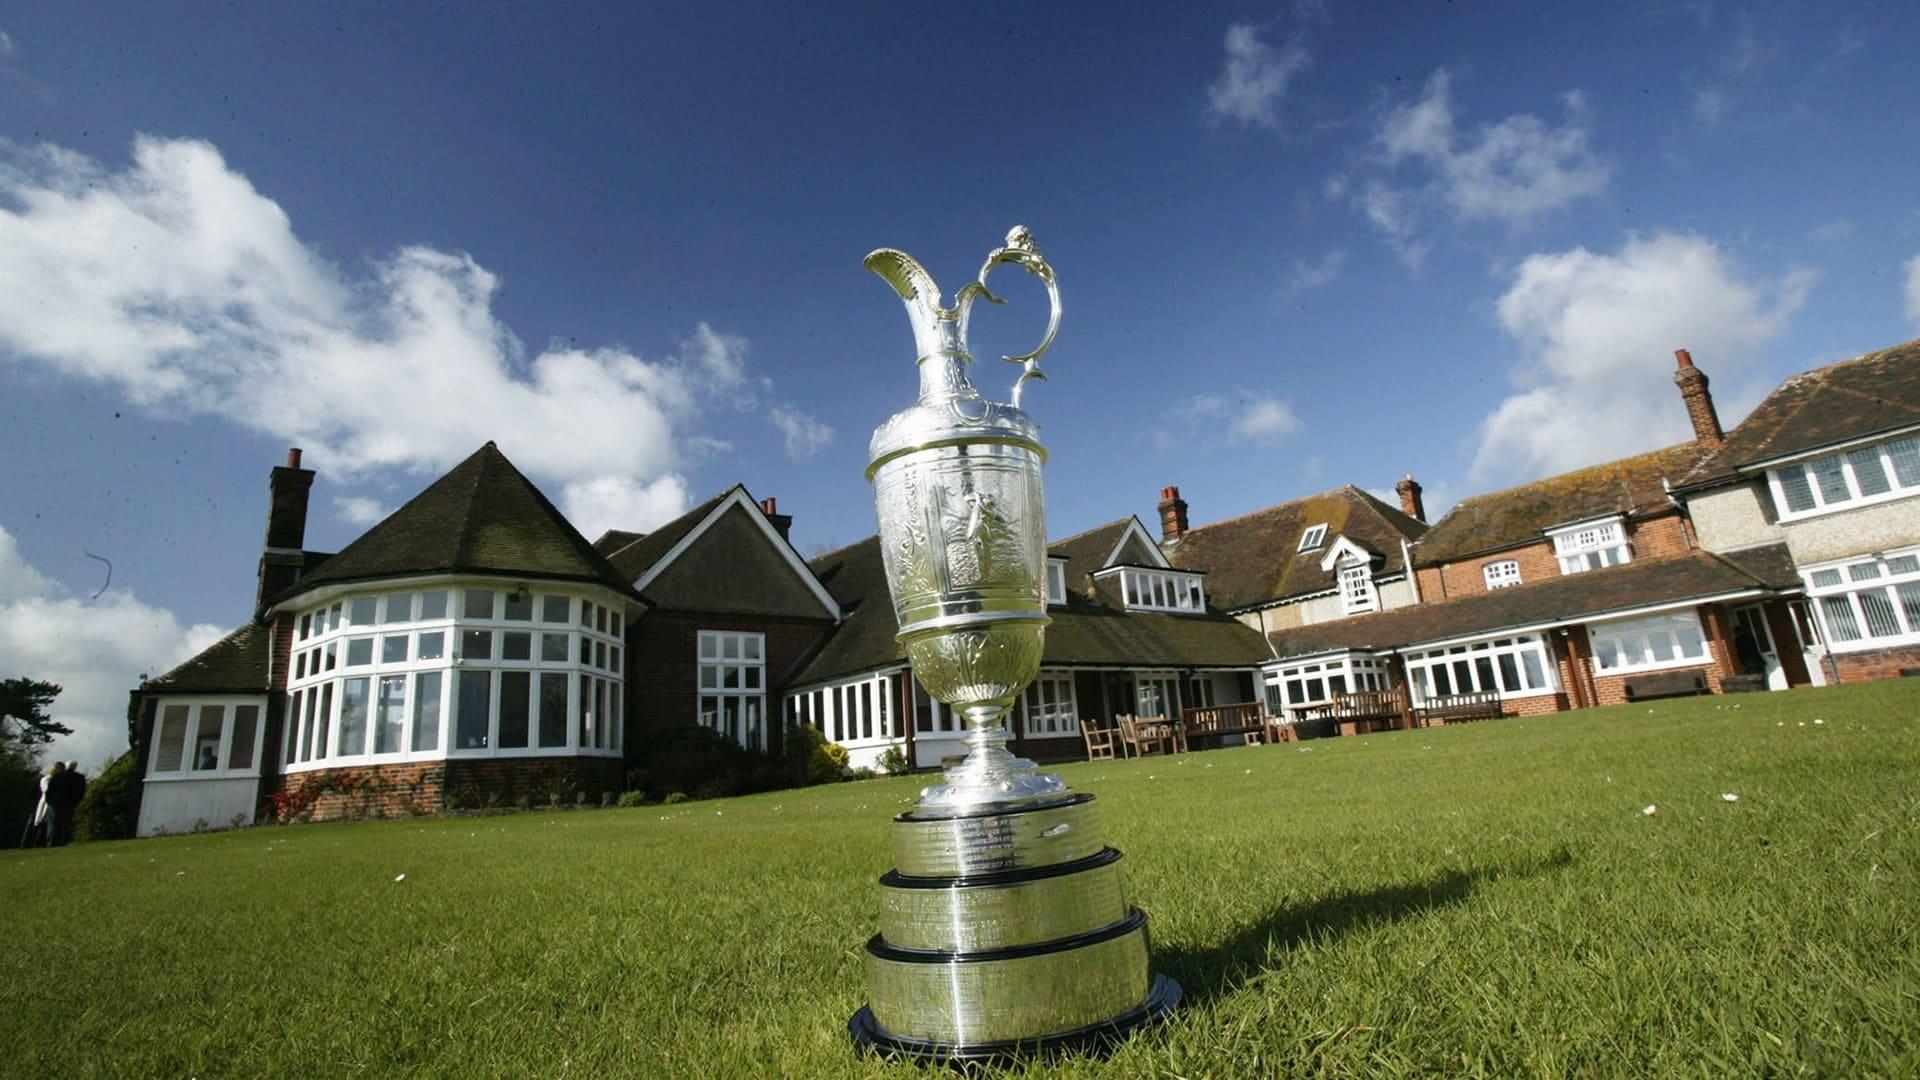 Open Champion se fija en un día de pago de 2 millones de dólares - Golf News    Revista de golf